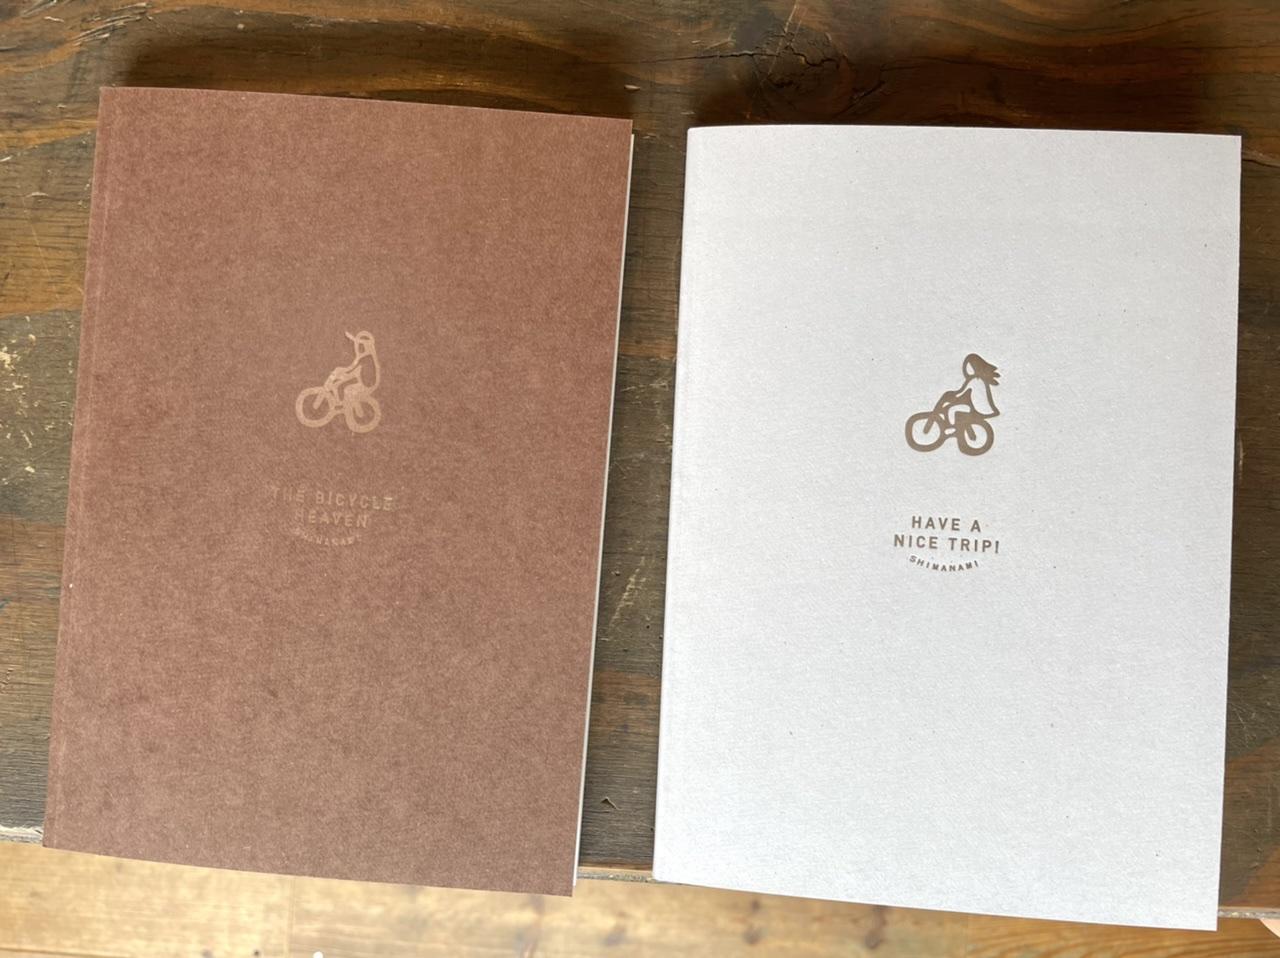 《1,000円で楽しめる‼︎》世界に1つだけのオリジナルノート作り体験_5